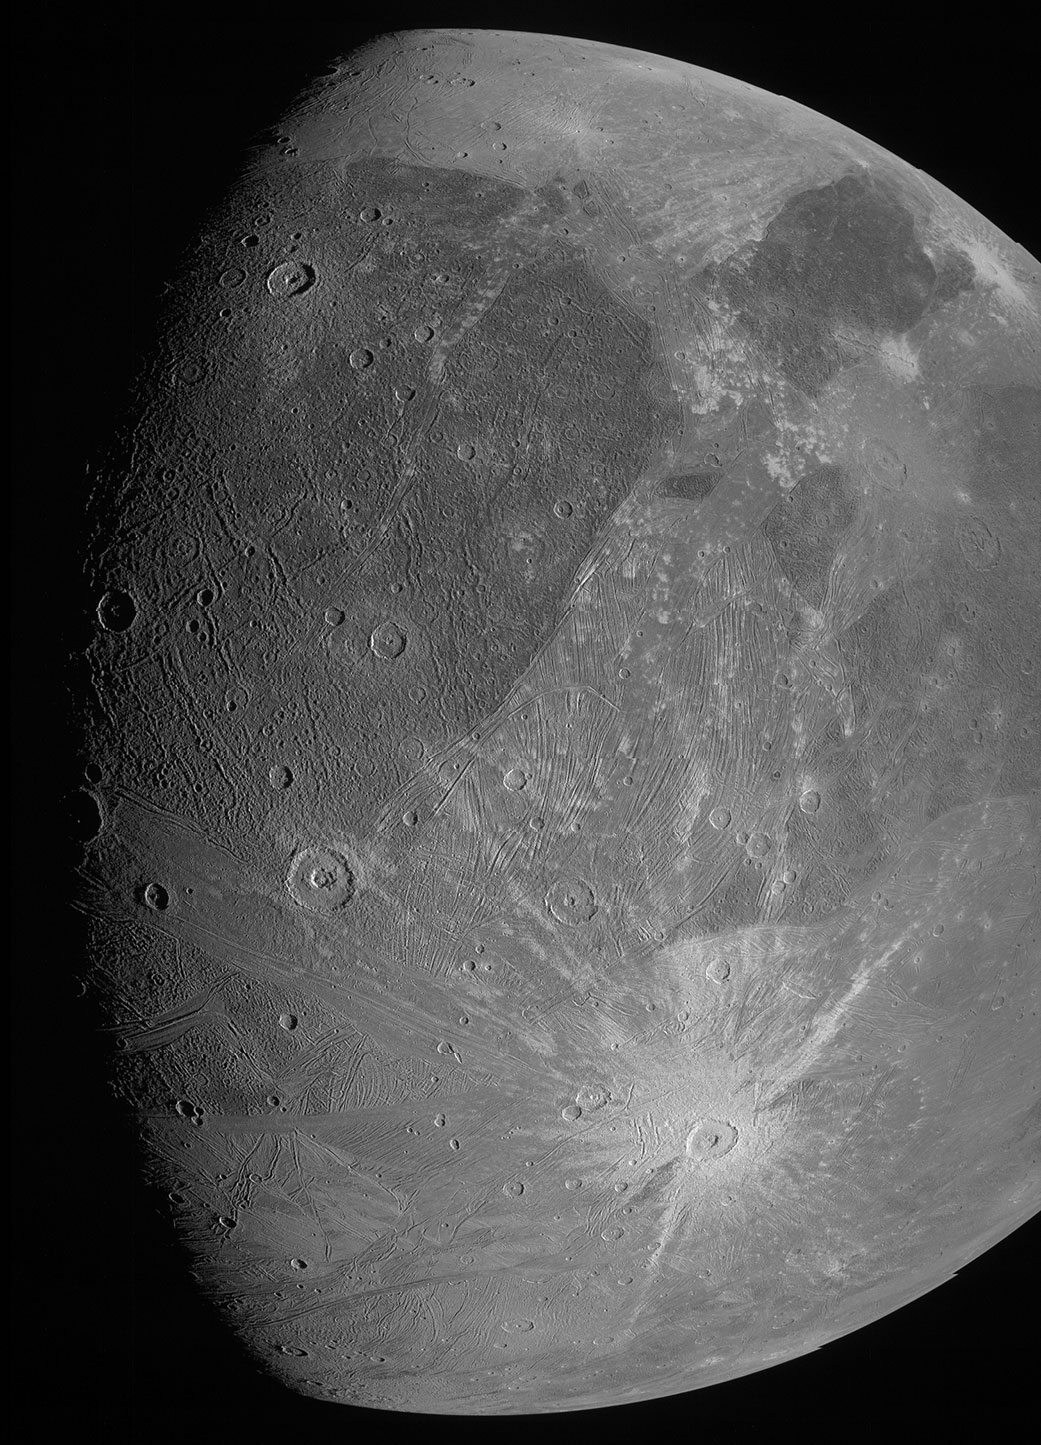 2021-ganymede-photo-1.jpg